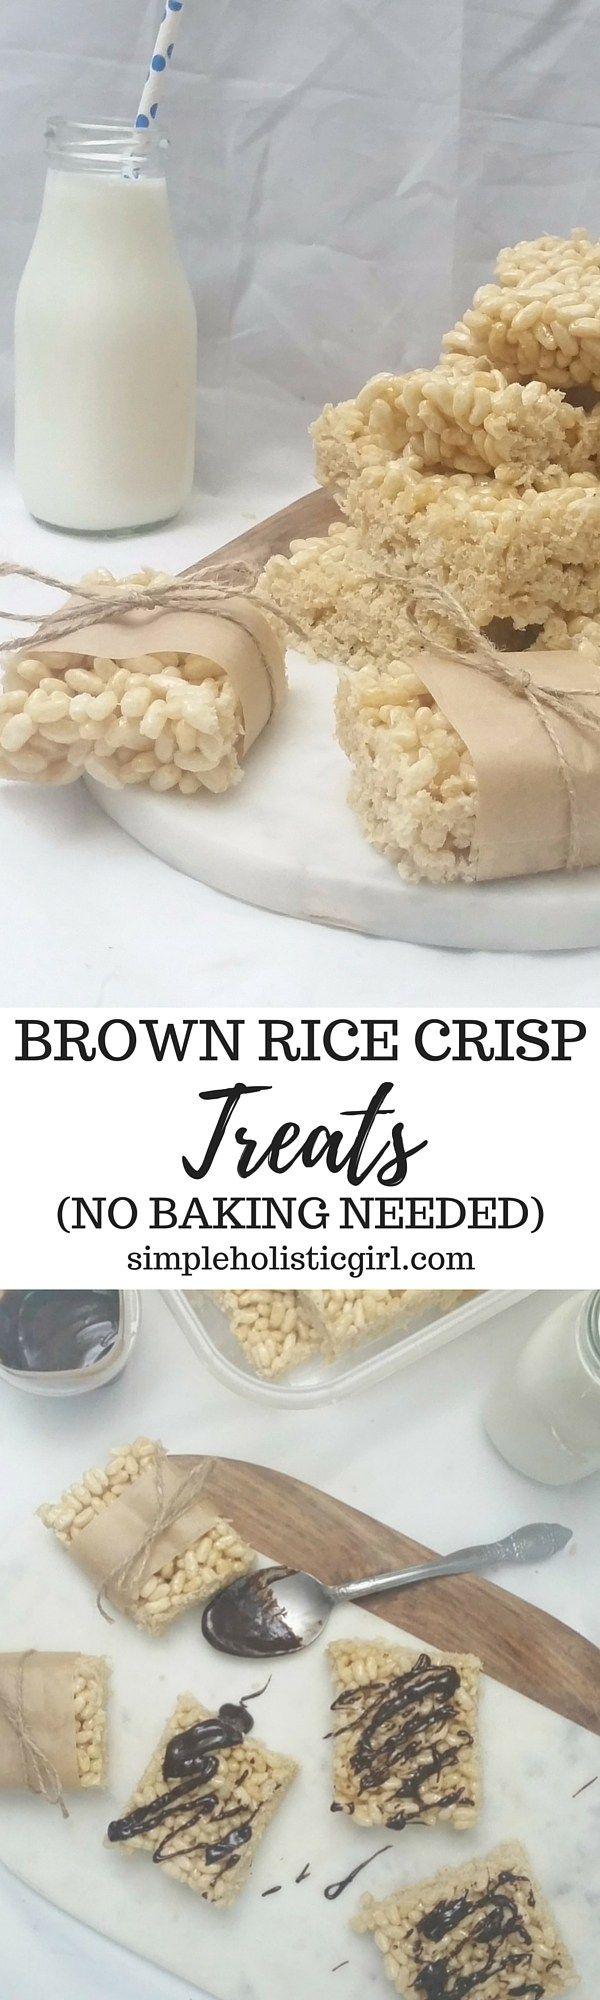 Brown Rice Crisp Treats (No Baking Needed)